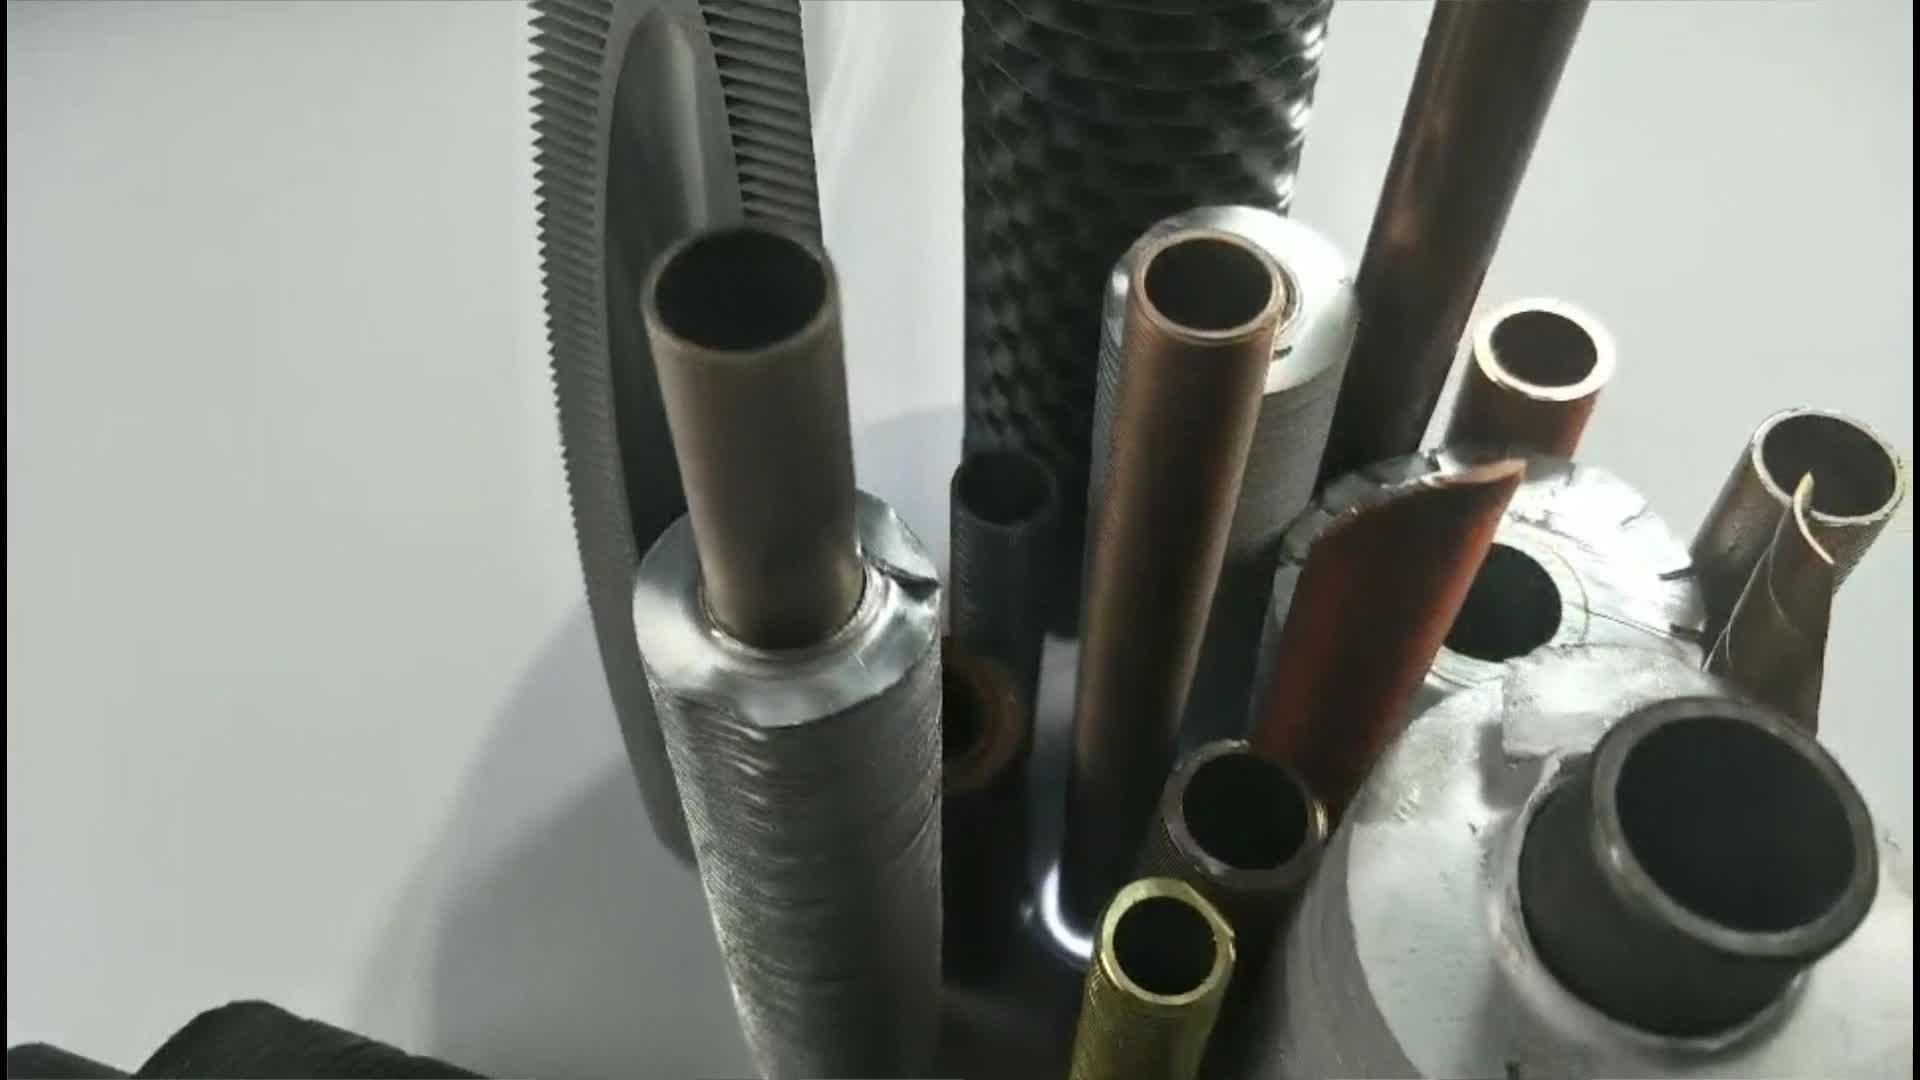 หม้อไอน้ำประหยัดพลังงานส่วนประกอบ H สแควร์ Fin หลอด ASME มาตรฐานสำหรับความร้อน transfer ระบบ